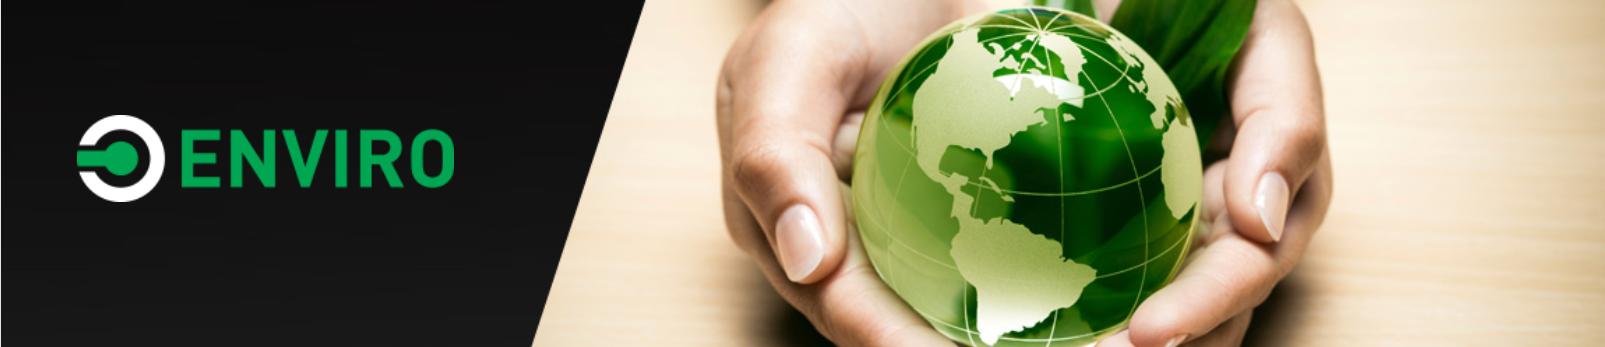 ISO9001, SMQ, Qualité, Quality, Systeme de Management, Maintenance, Environnement